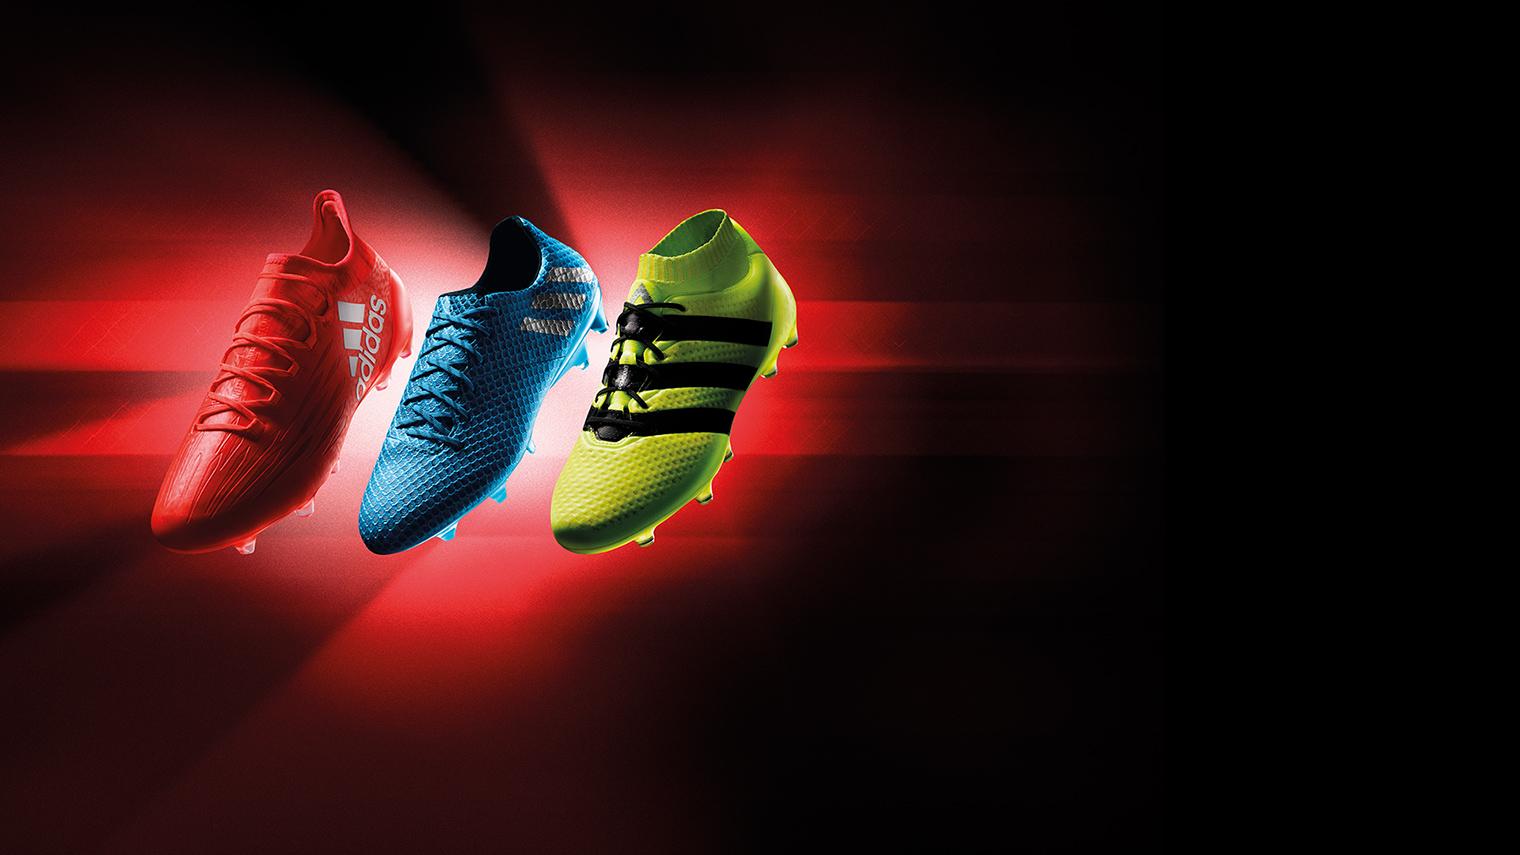 Die neue Kollektion der adidas Speed of light Fußballschuhe!